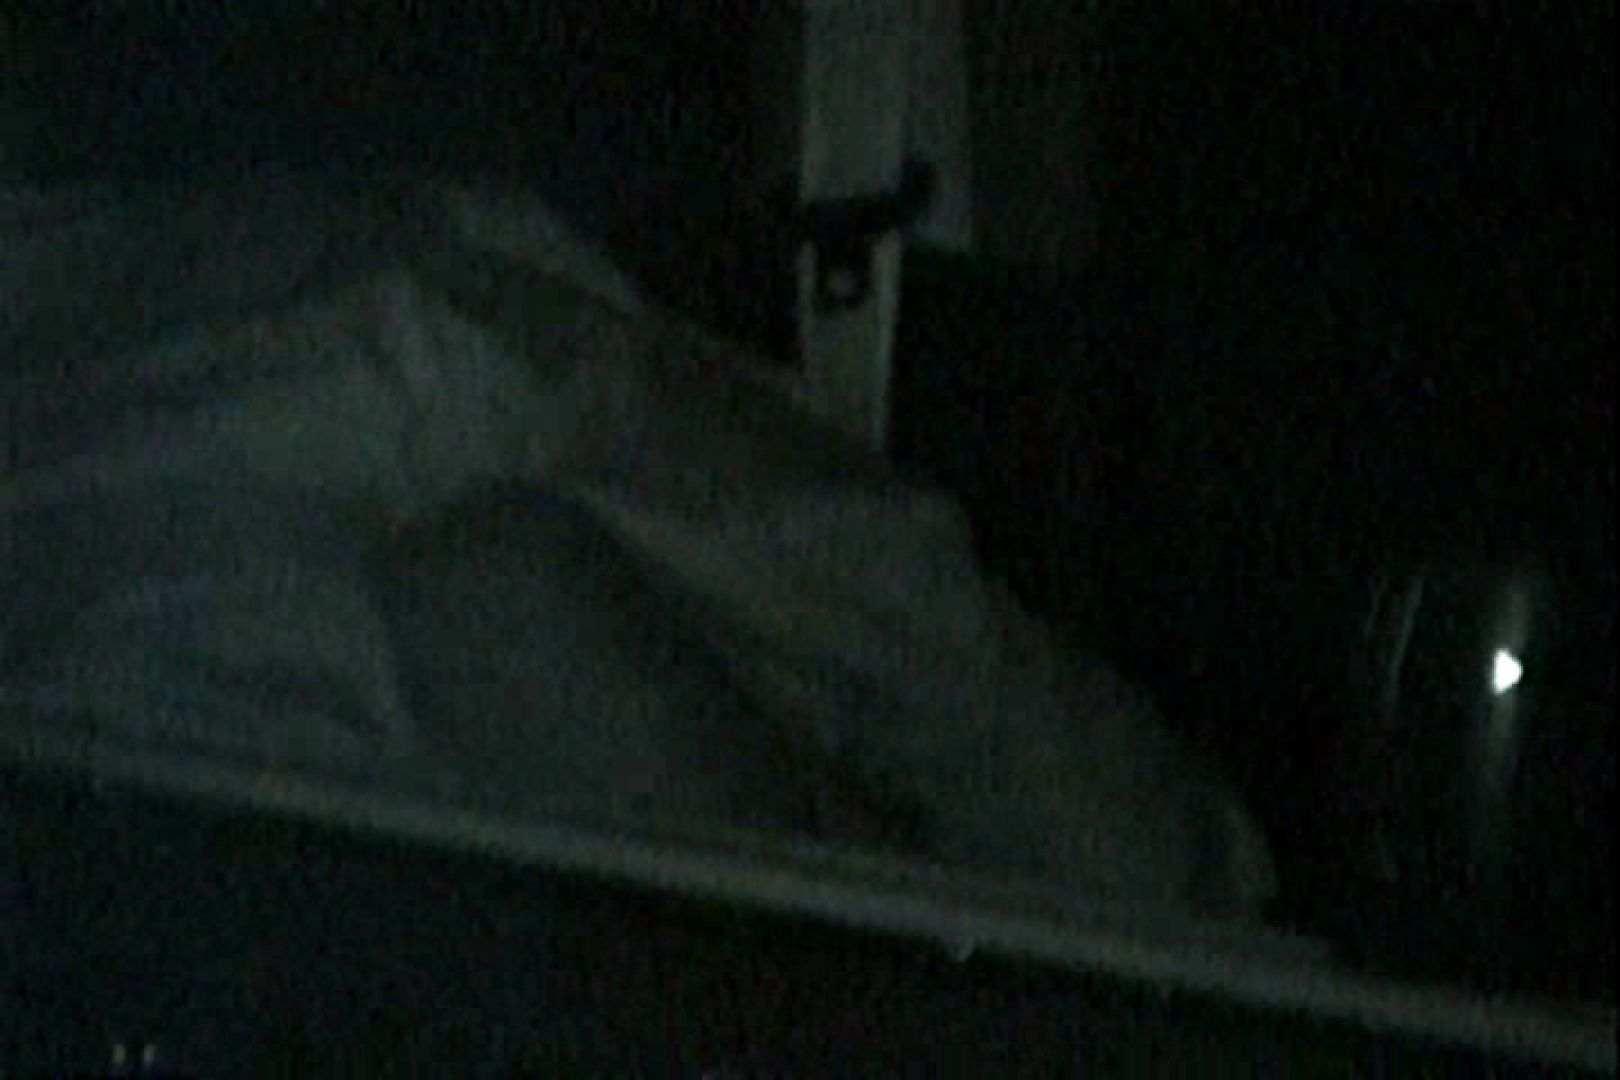 充血監督の深夜の運動会Vol.126 OLセックス 盗撮オメコ無修正動画無料 84画像 79